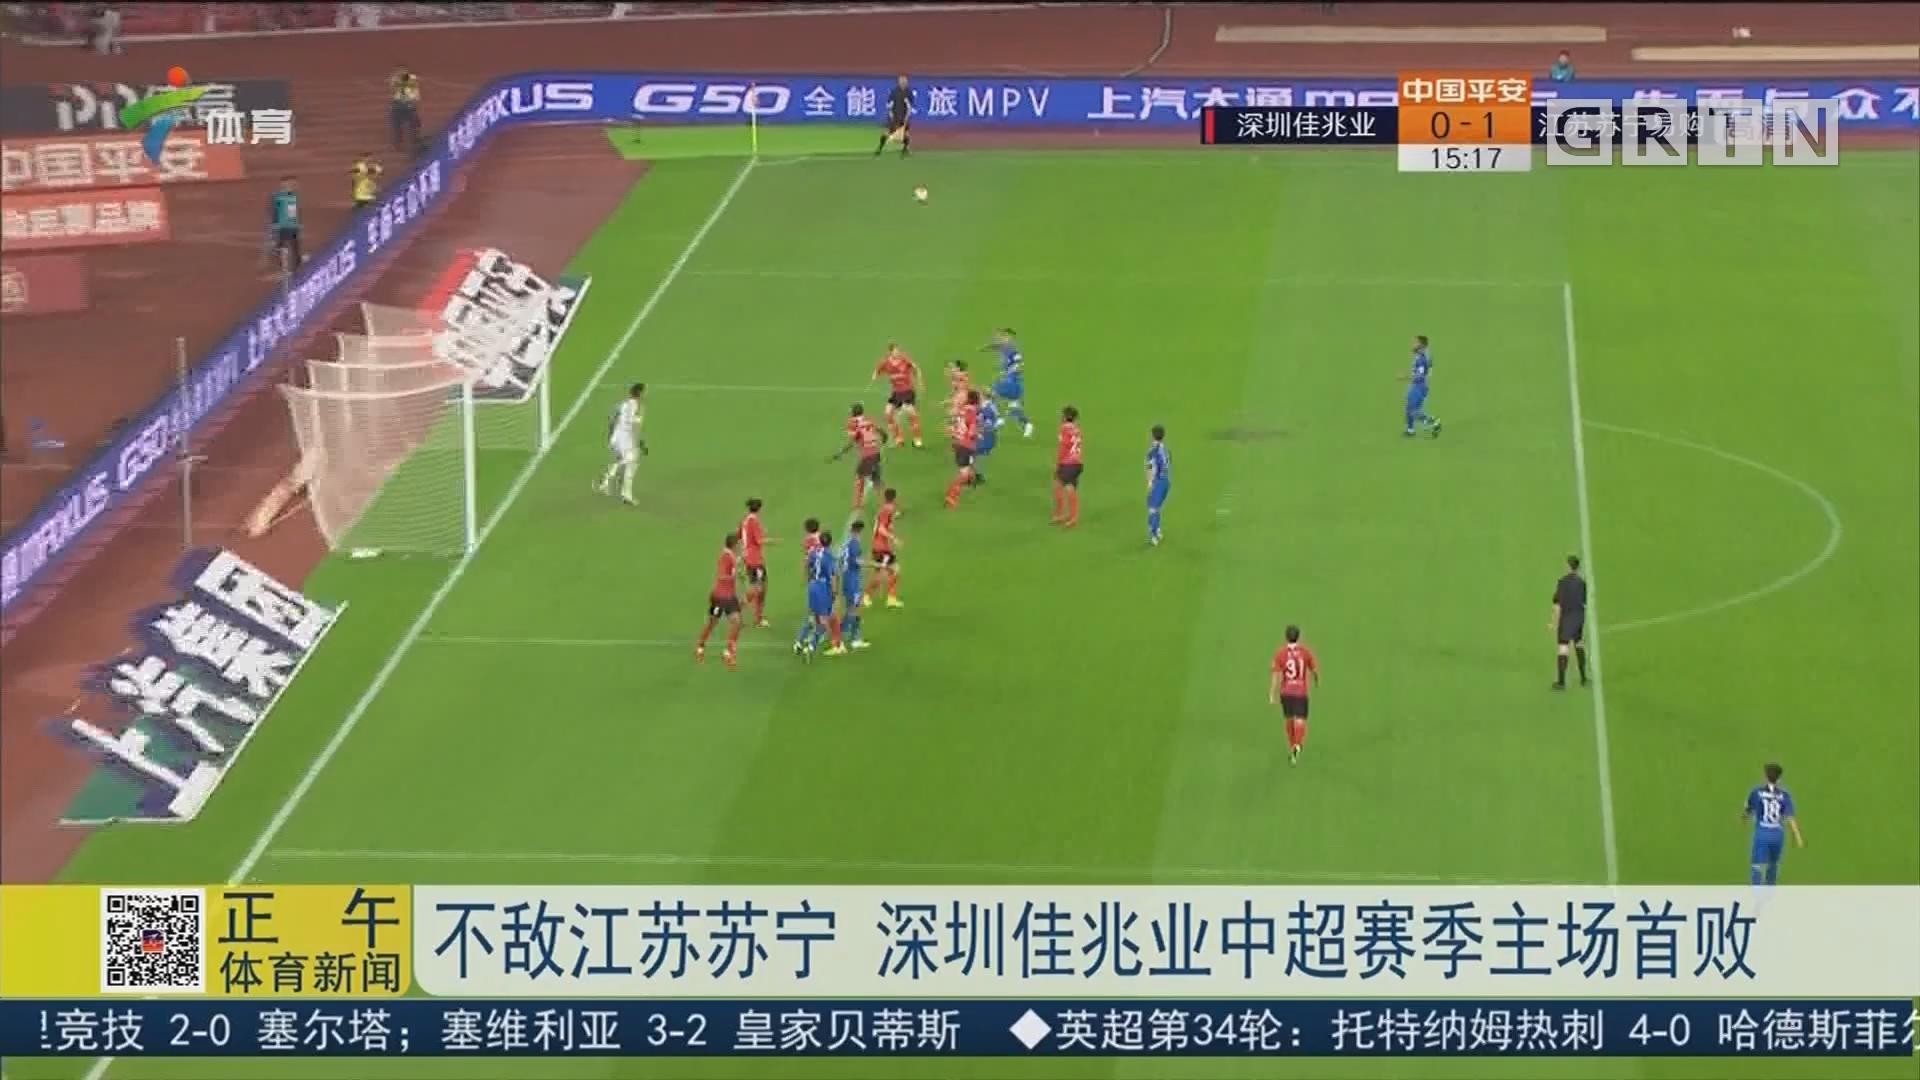 不敌江苏苏宁 深圳佳兆业中超赛季主场首败